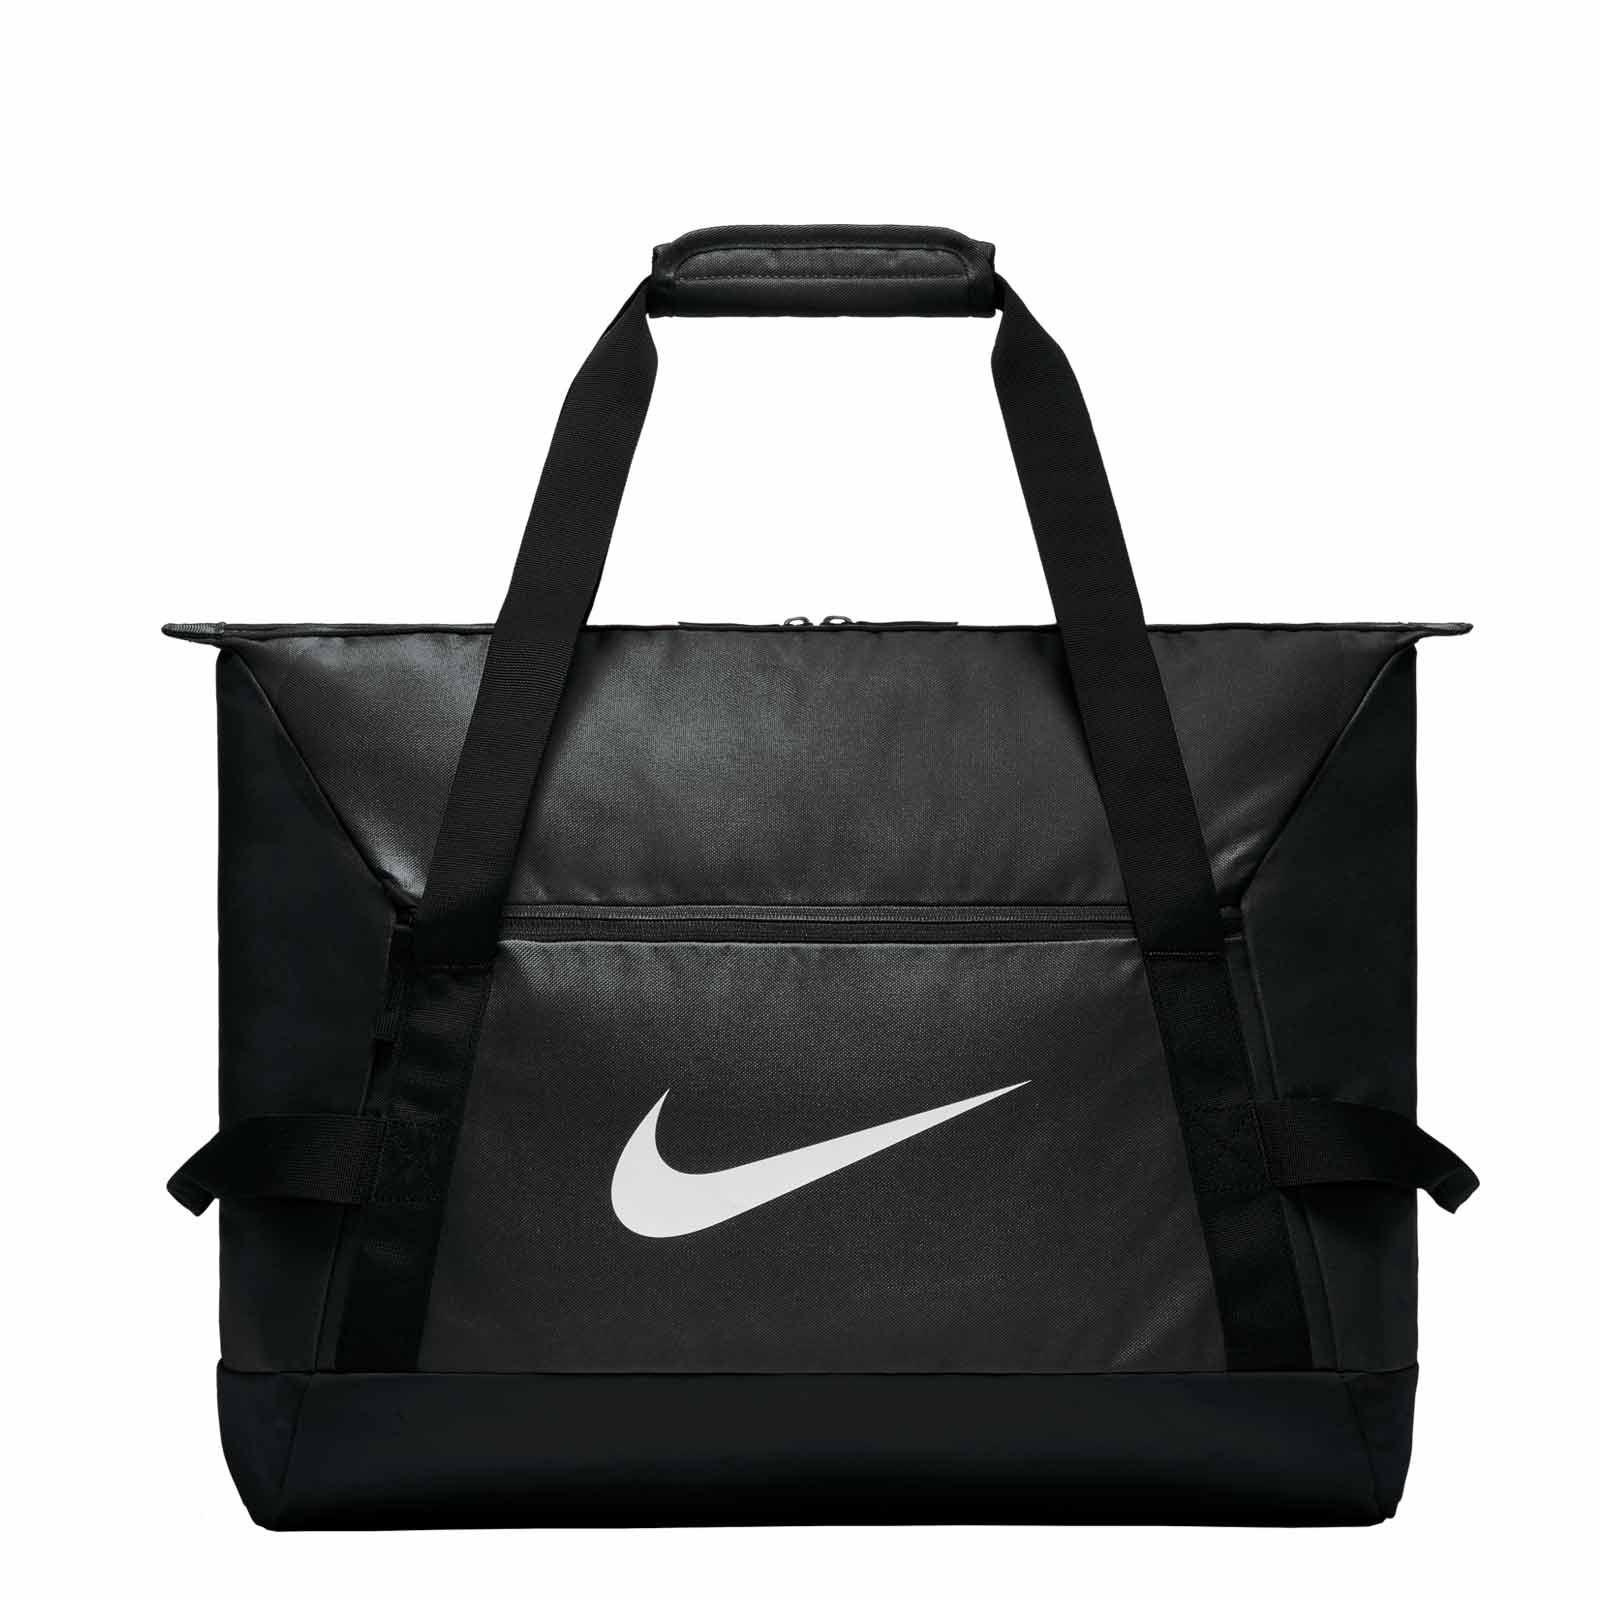 Nike Deporte Negra Futbolmania Bolsa De Academy 4TqSSx